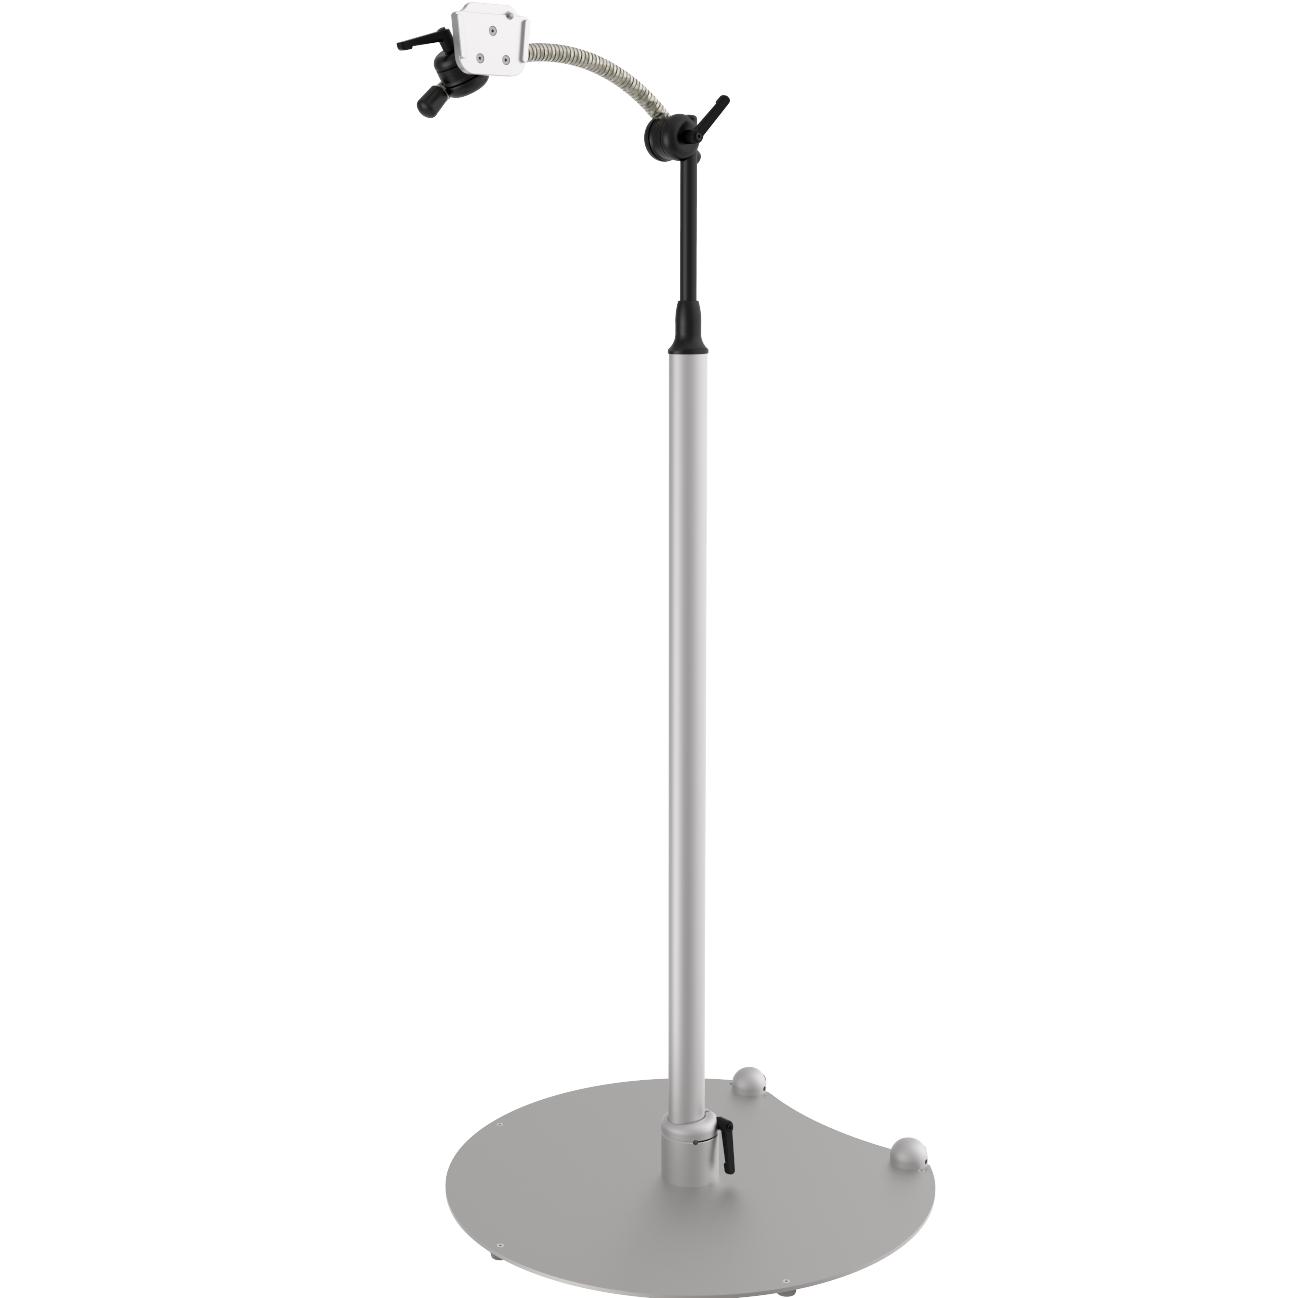 Mini Floor Stands